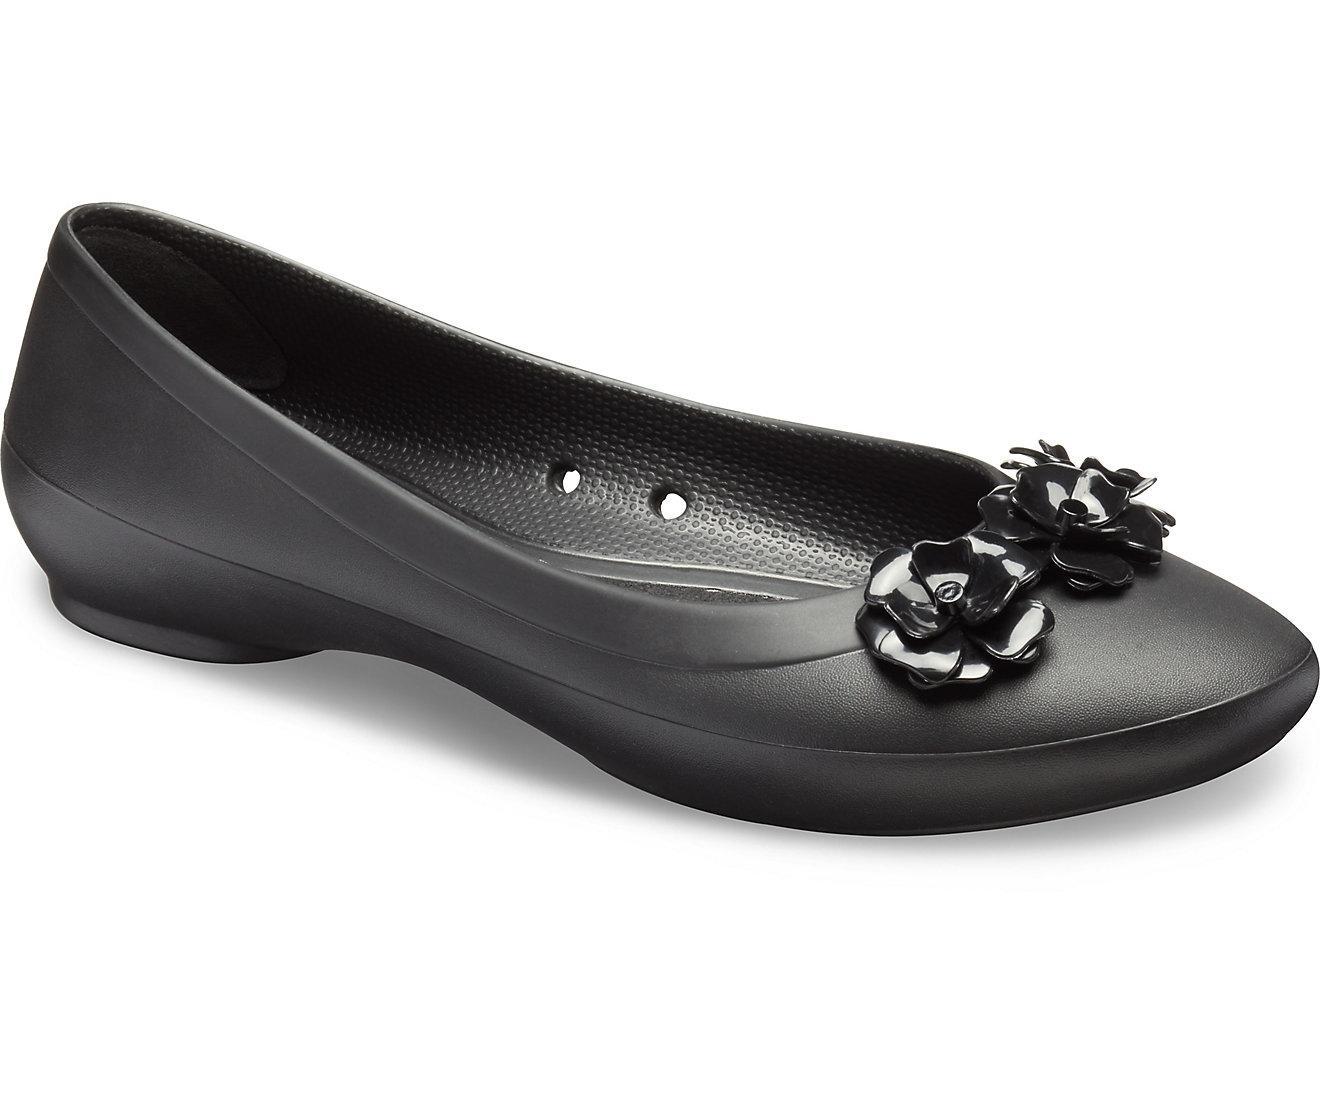 de5335f693af Crocs Line Flower Flat Sandal Wanita - Hitam